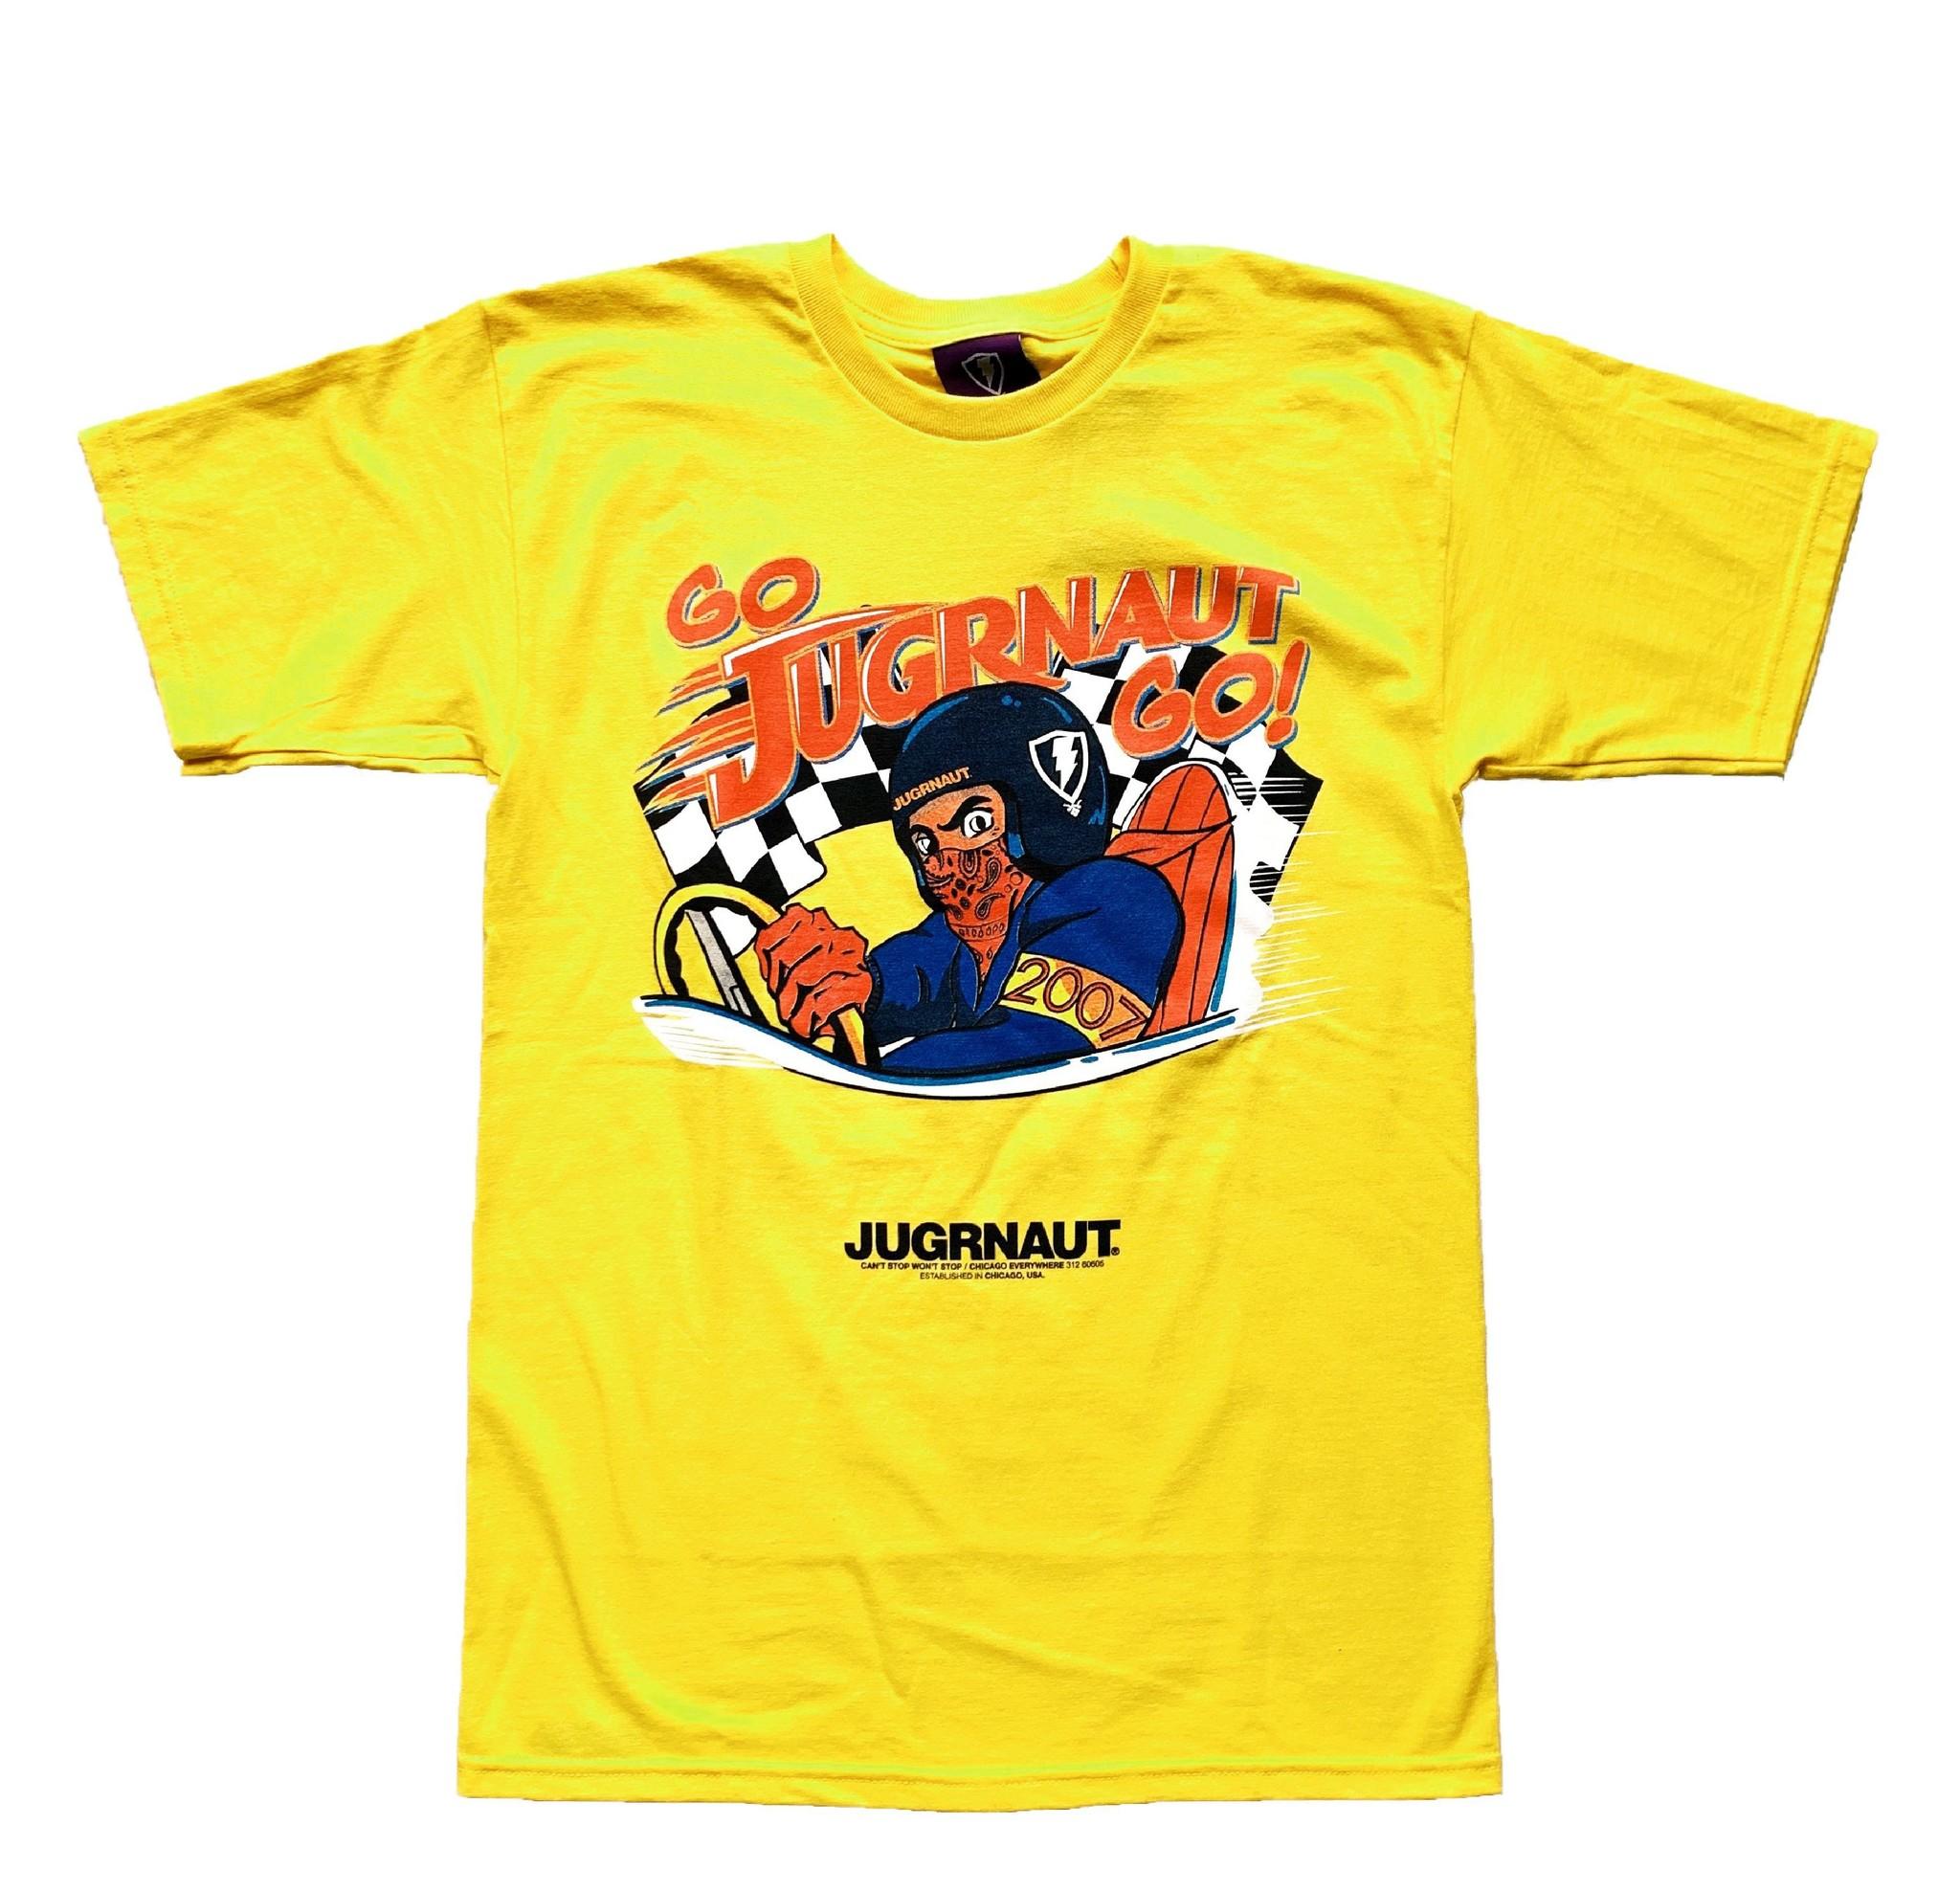 Jugrnaut Jugrnaut Speed Racer Tee Yellow